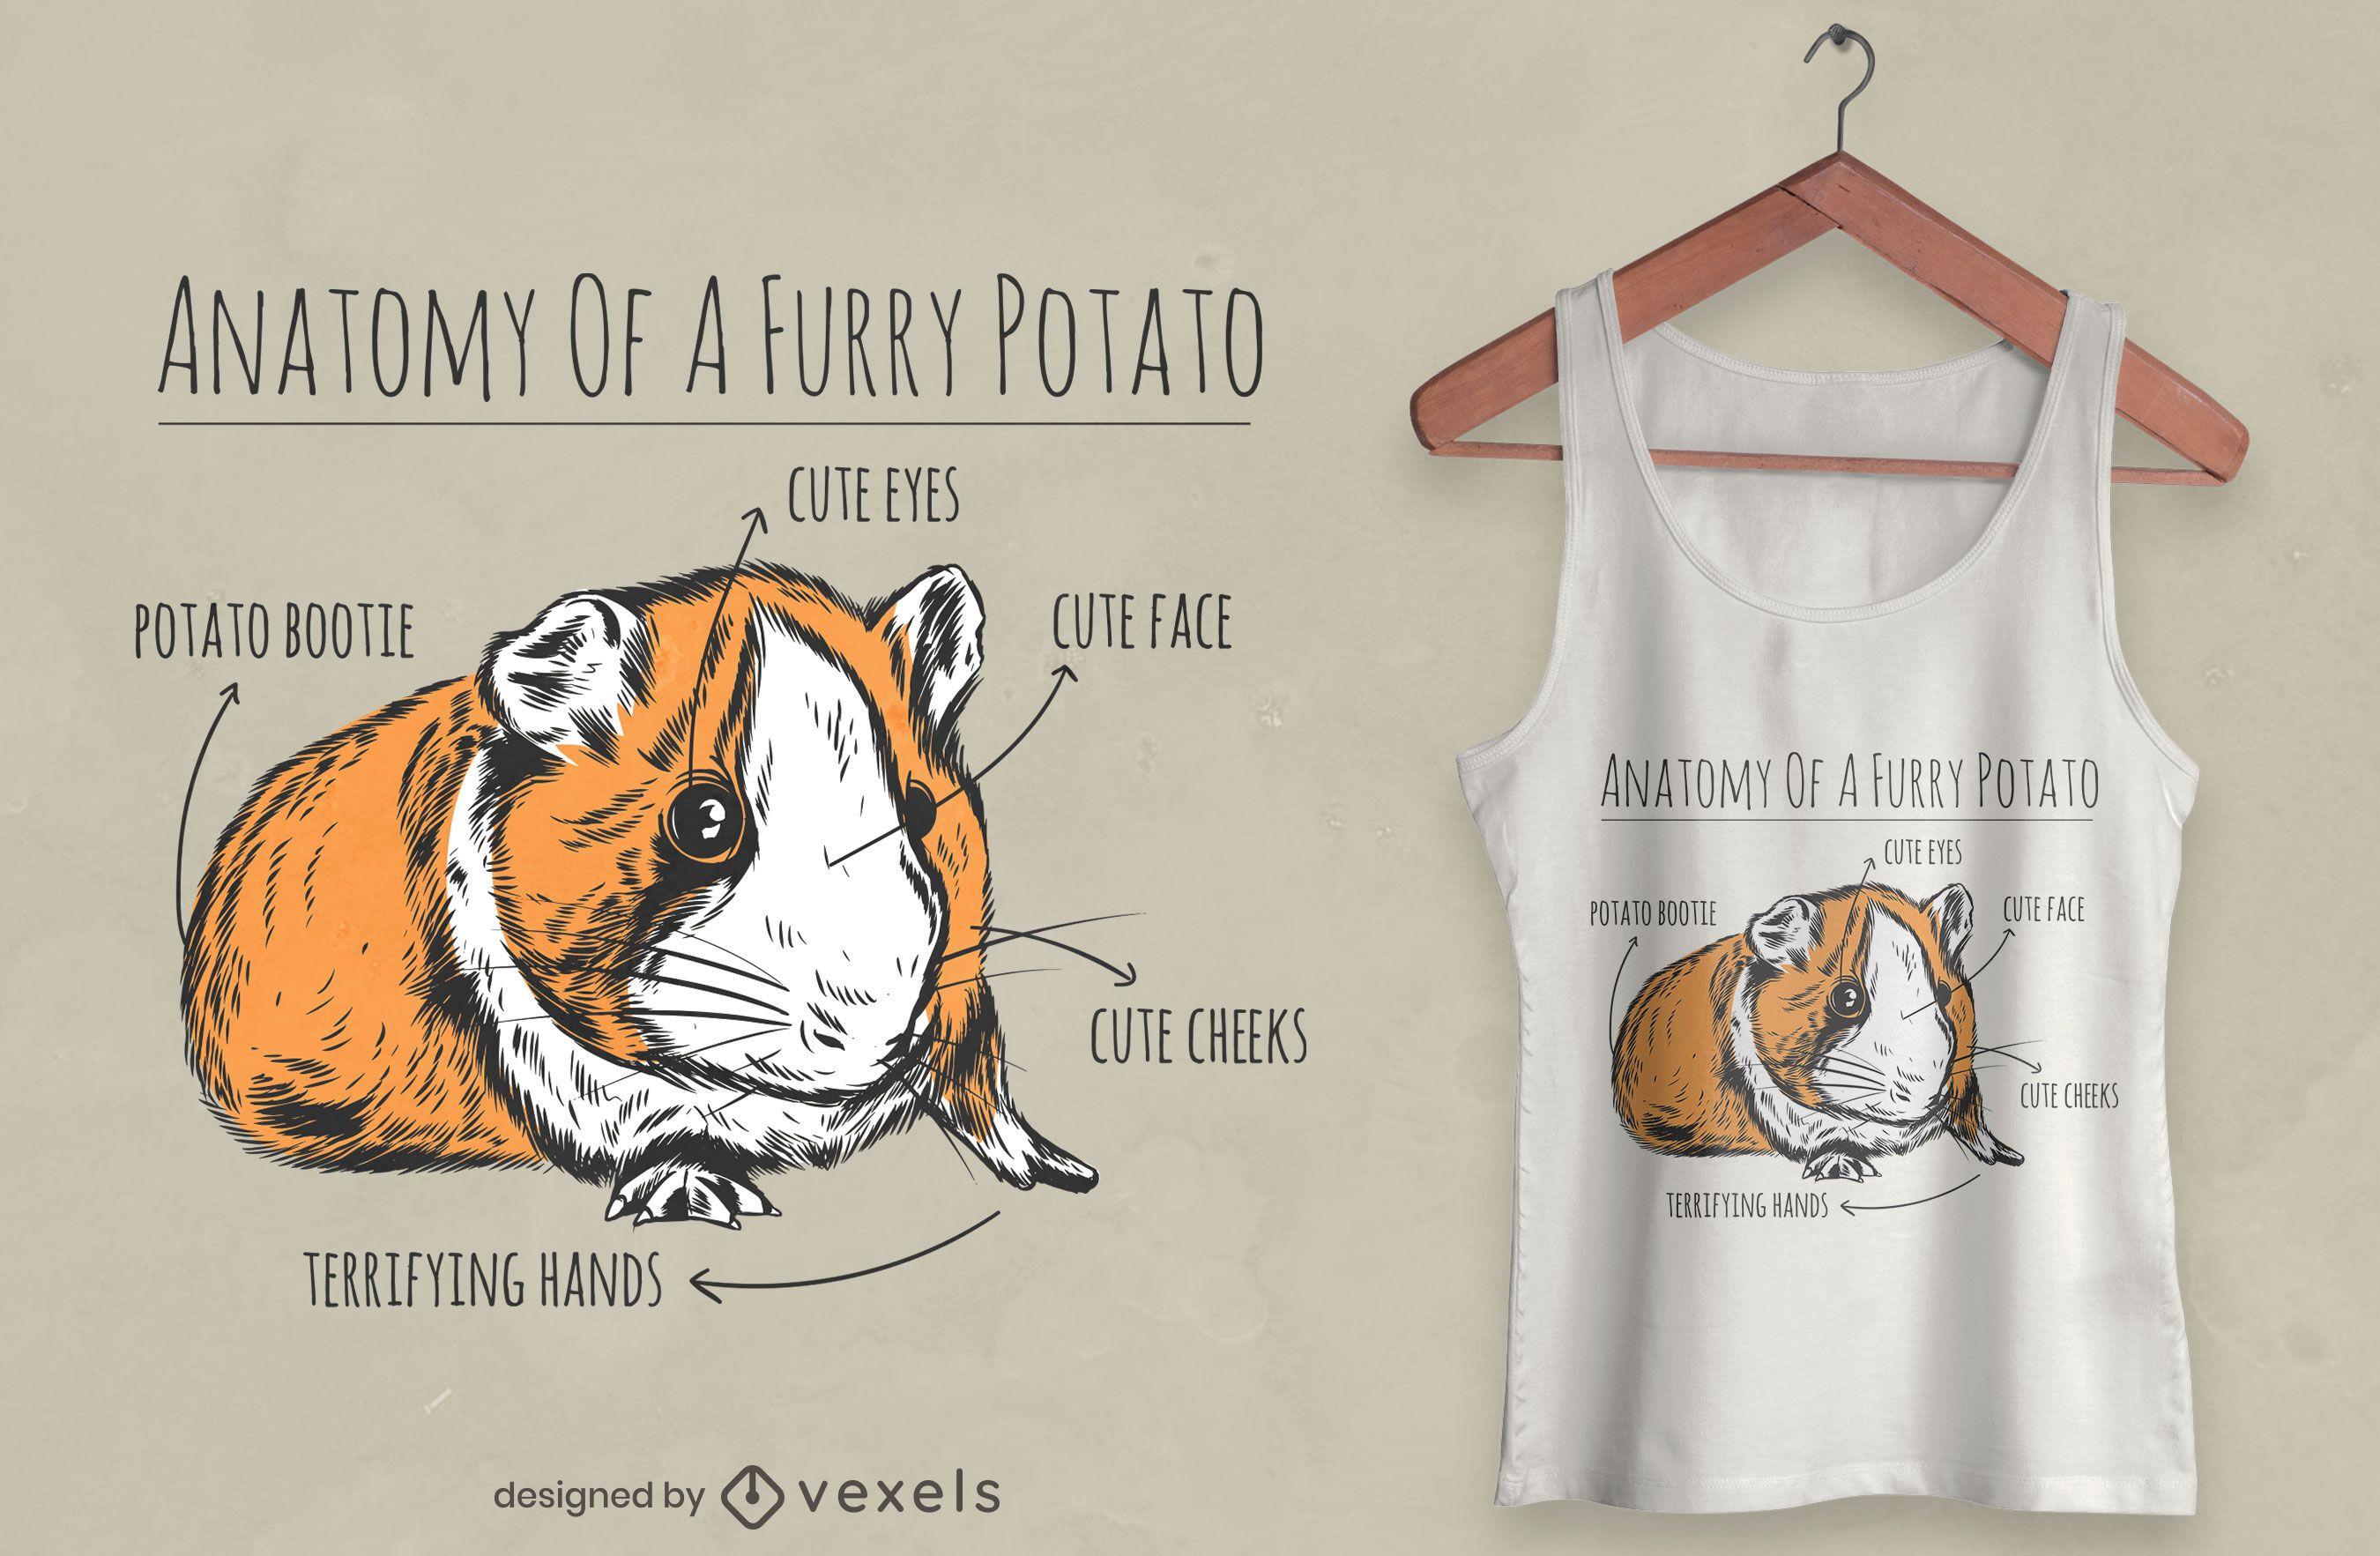 Guinea pig anatomy t-shirt design